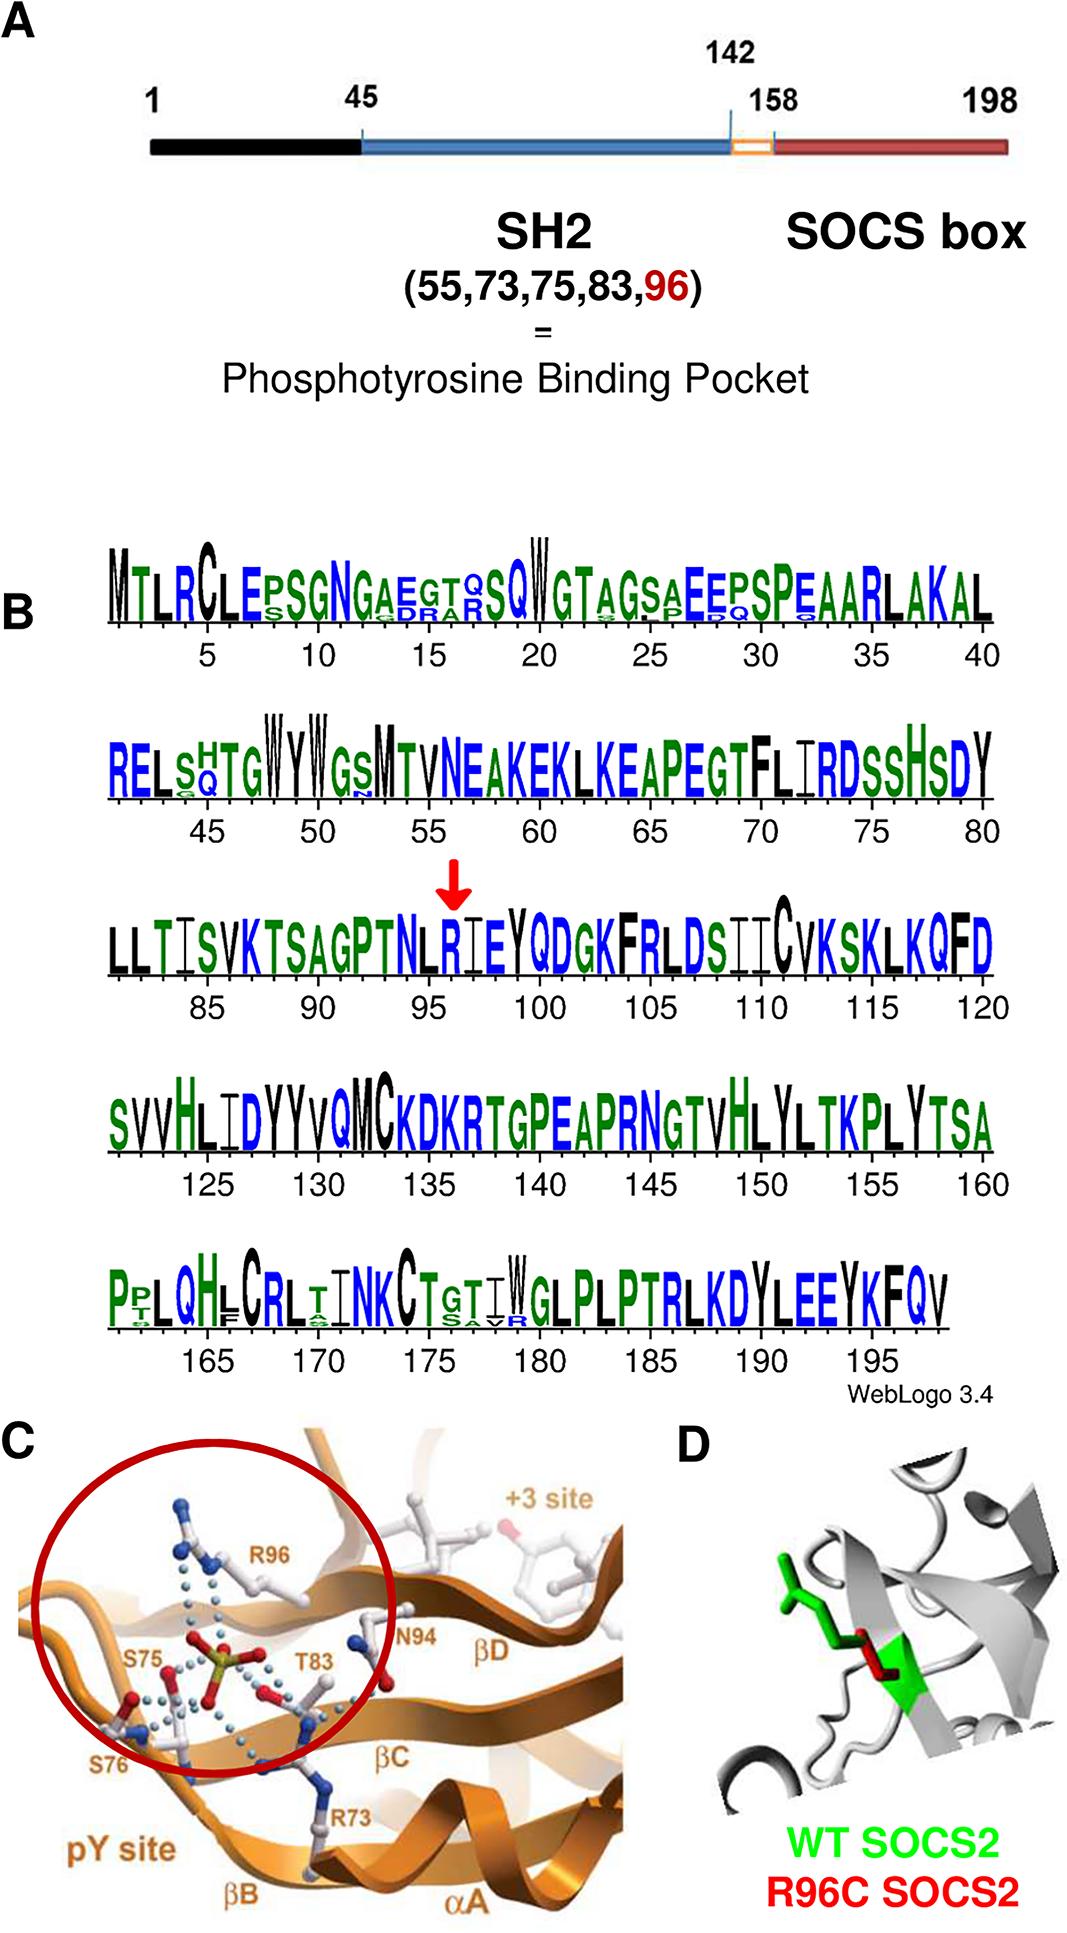 Bioinformatics characterization of <i>Socs2</i> and SOCS2 p.R96C mutation.